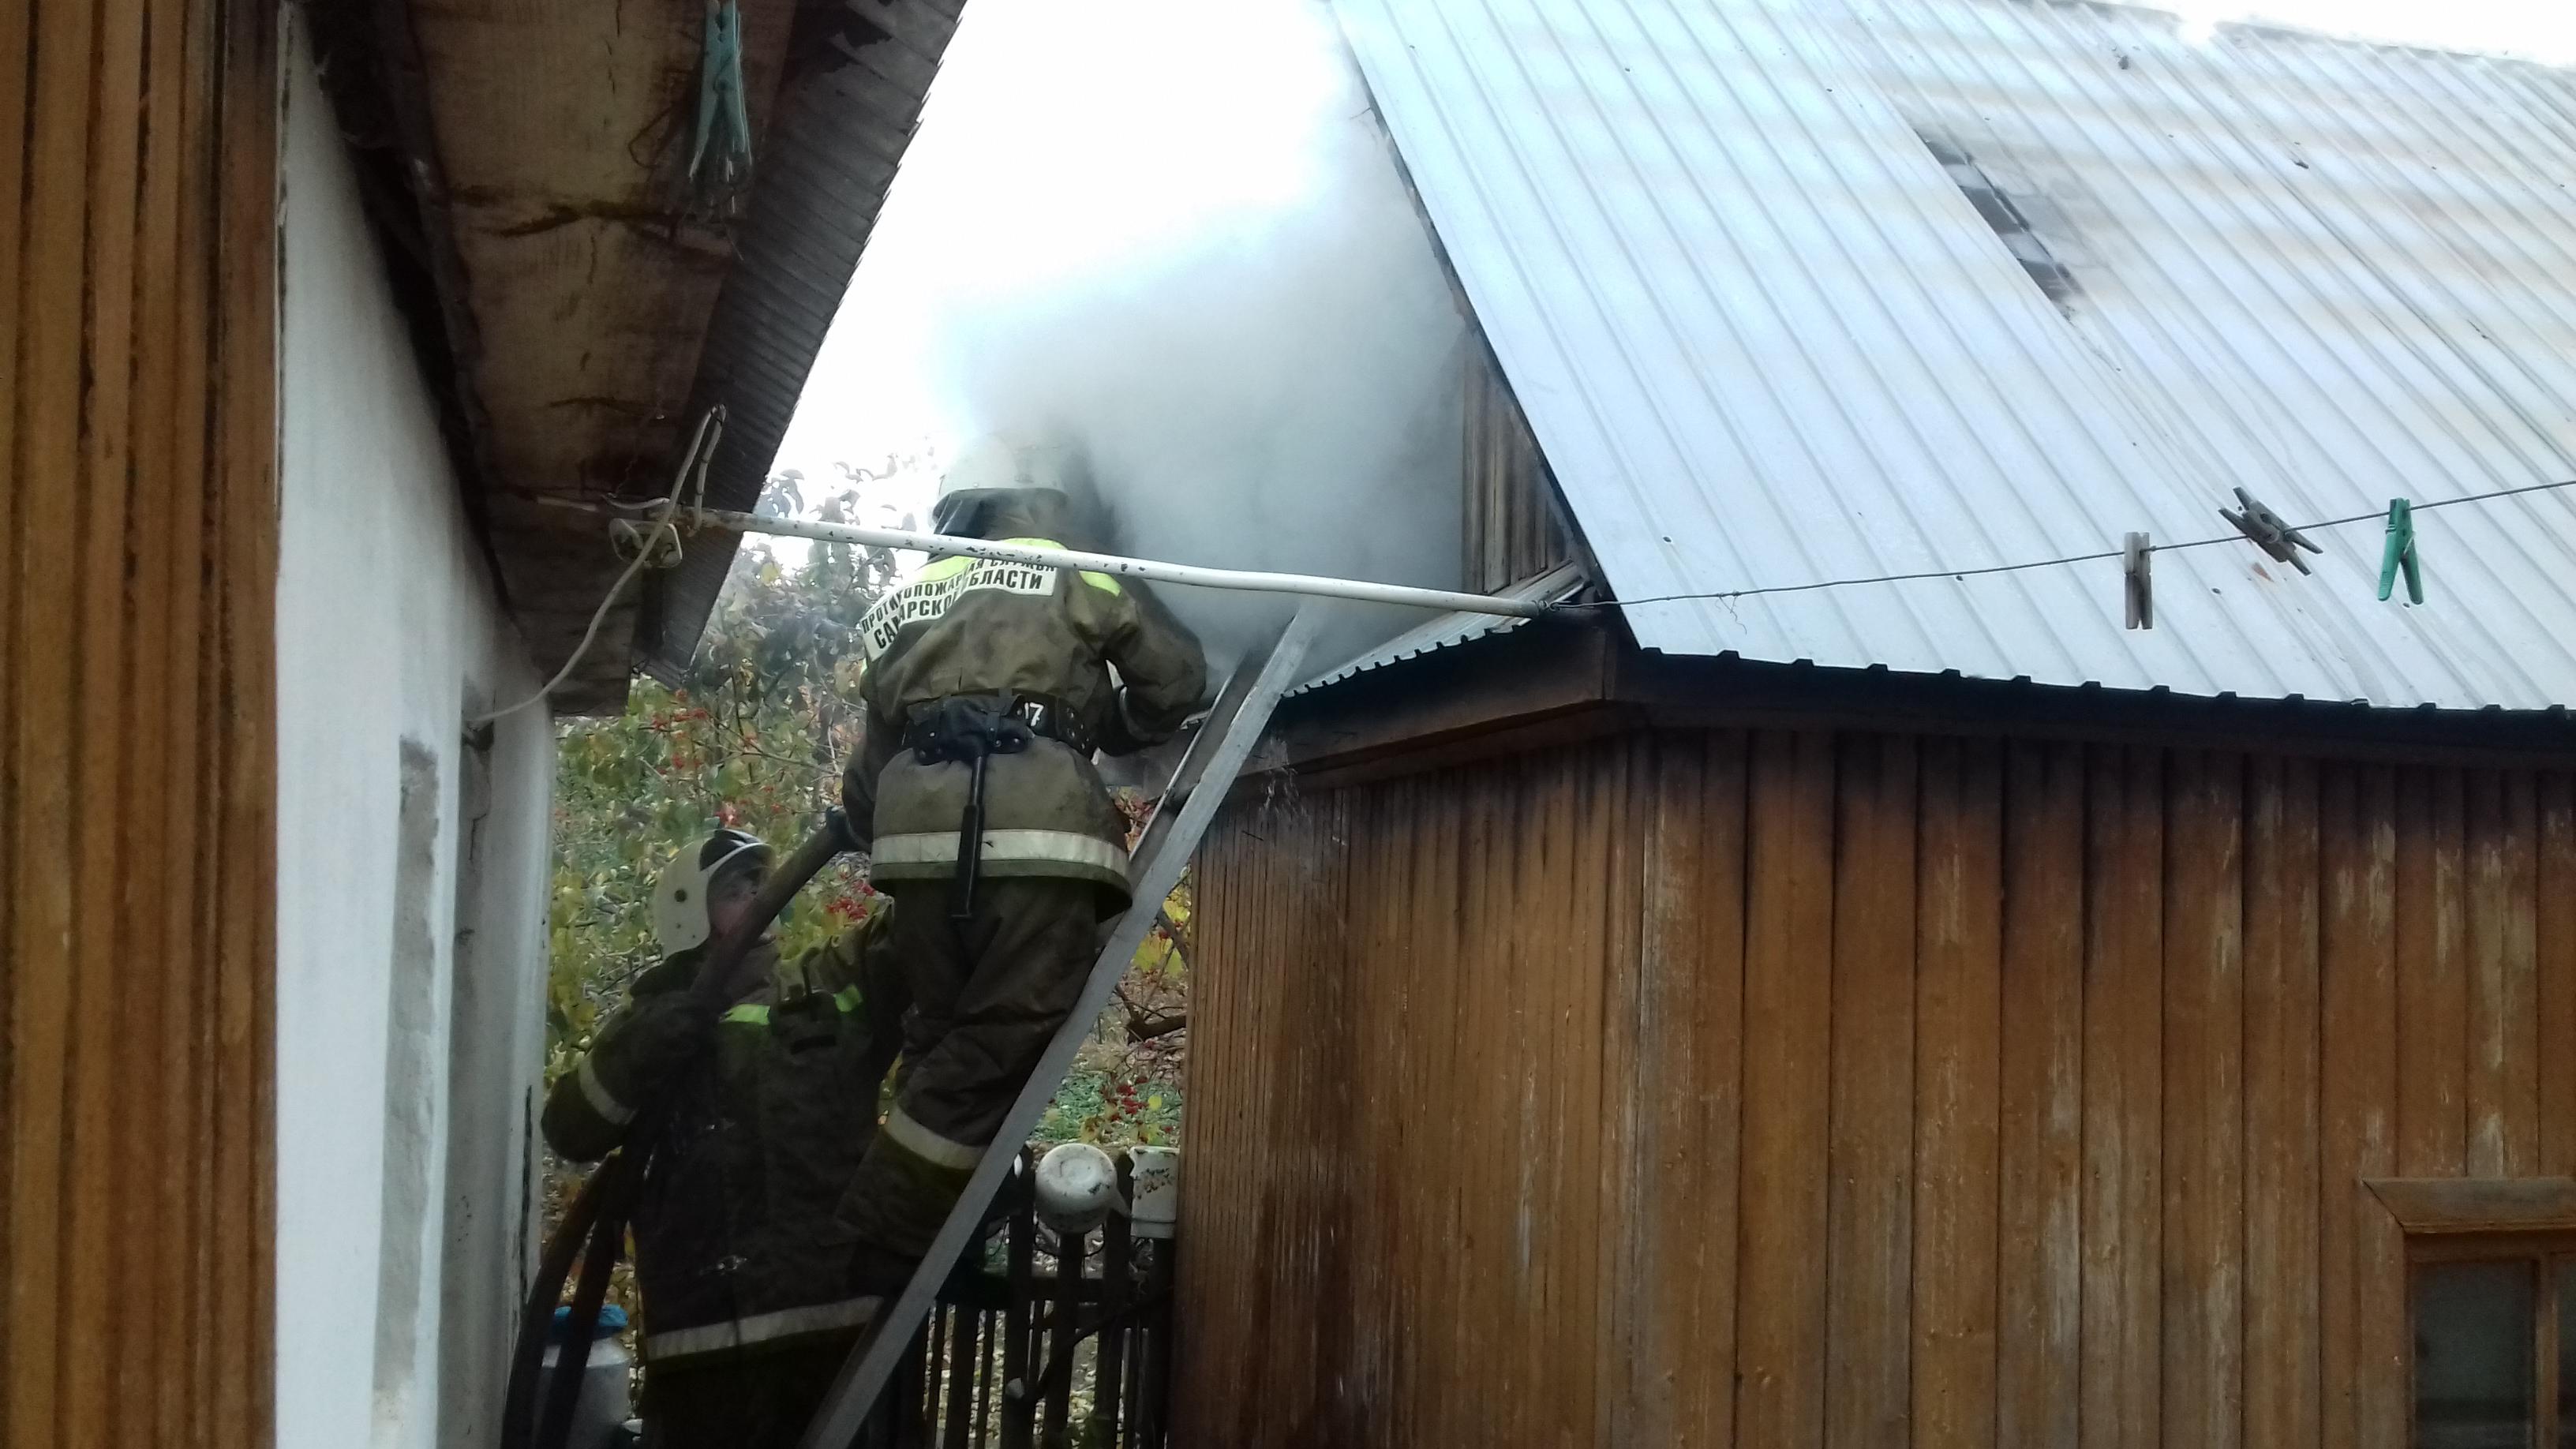 Основы пожарной безопасности бань, саун: огнезащита, параметры помещений, огнетушители, системы тушения